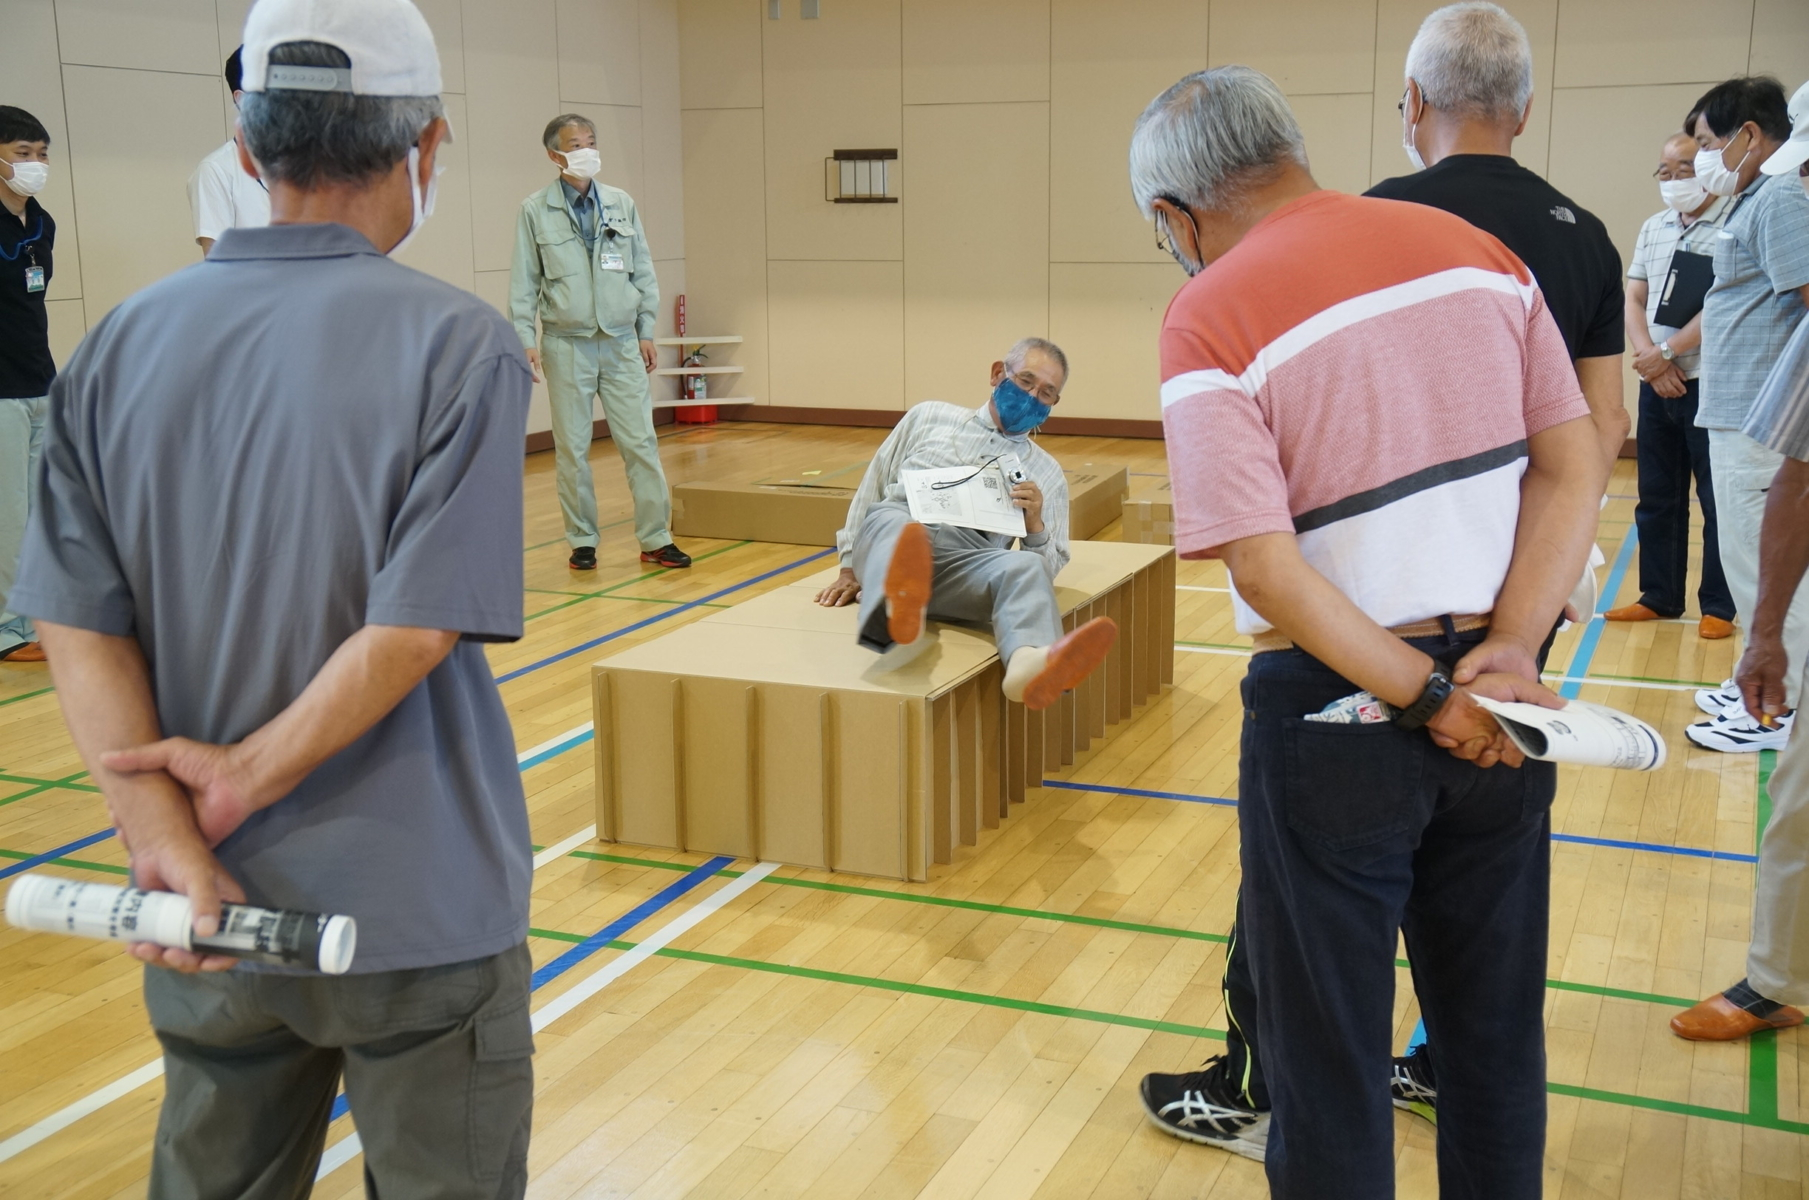 避難所開設訓練(鉄東コミュニティセンター)を実施しました。